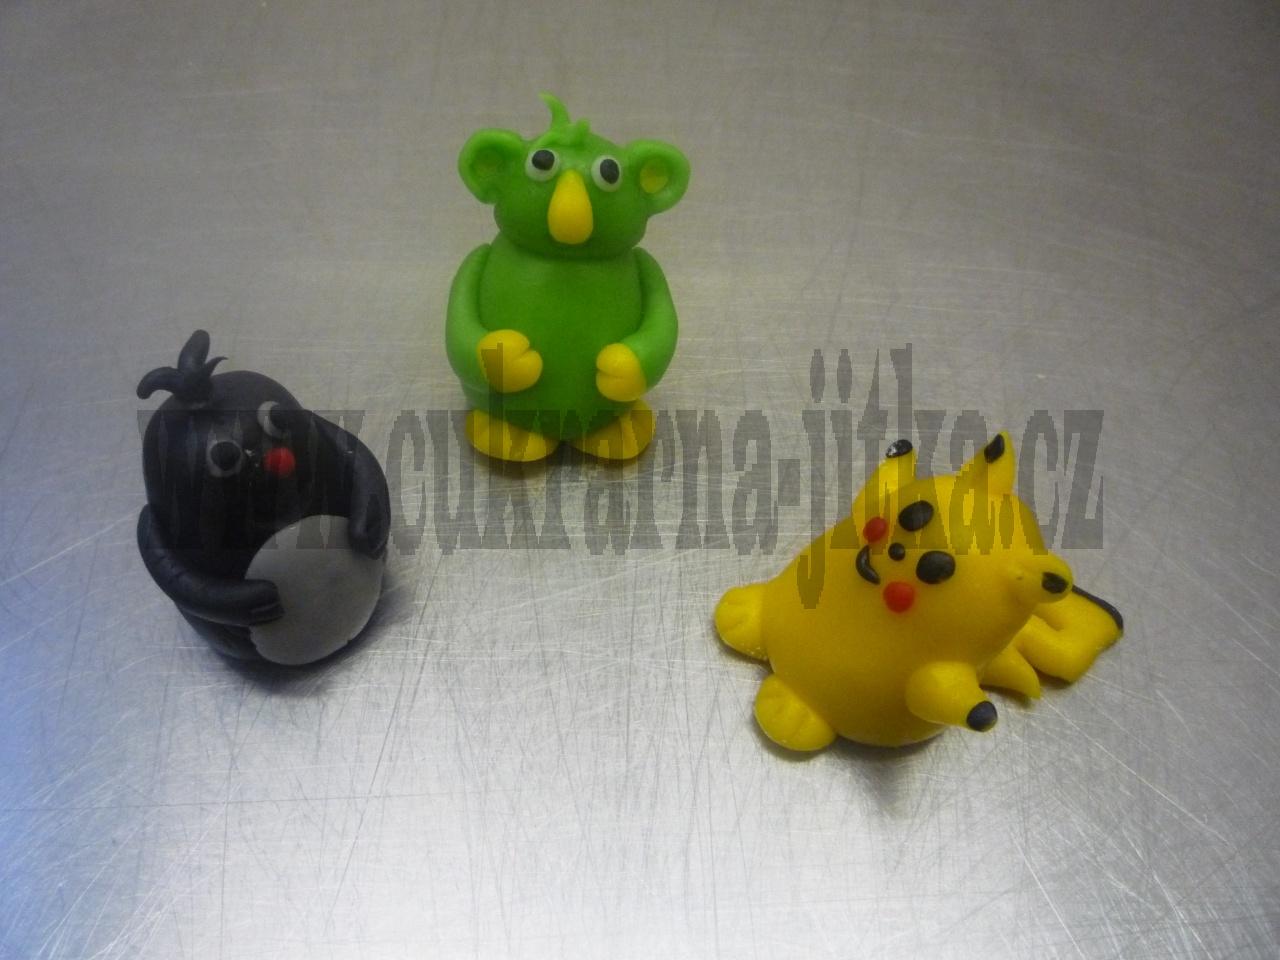 figurky marcipánové,krteček rákosníček,pikachu